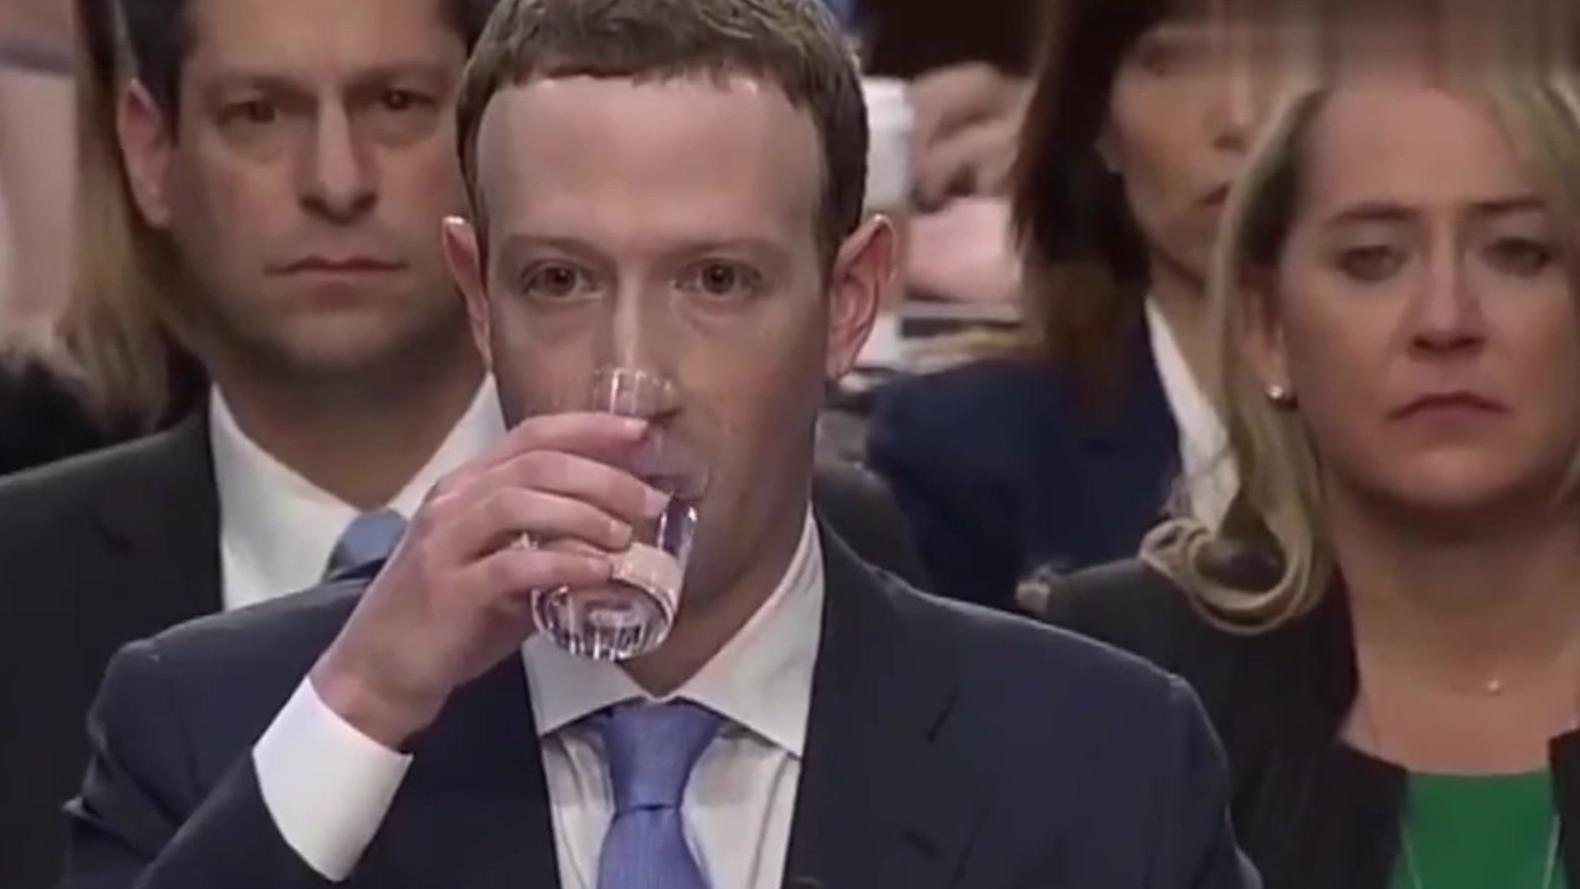 得有多大的谈定才能让扎克伯格在听证会上把一杯水喝成拉菲的感觉